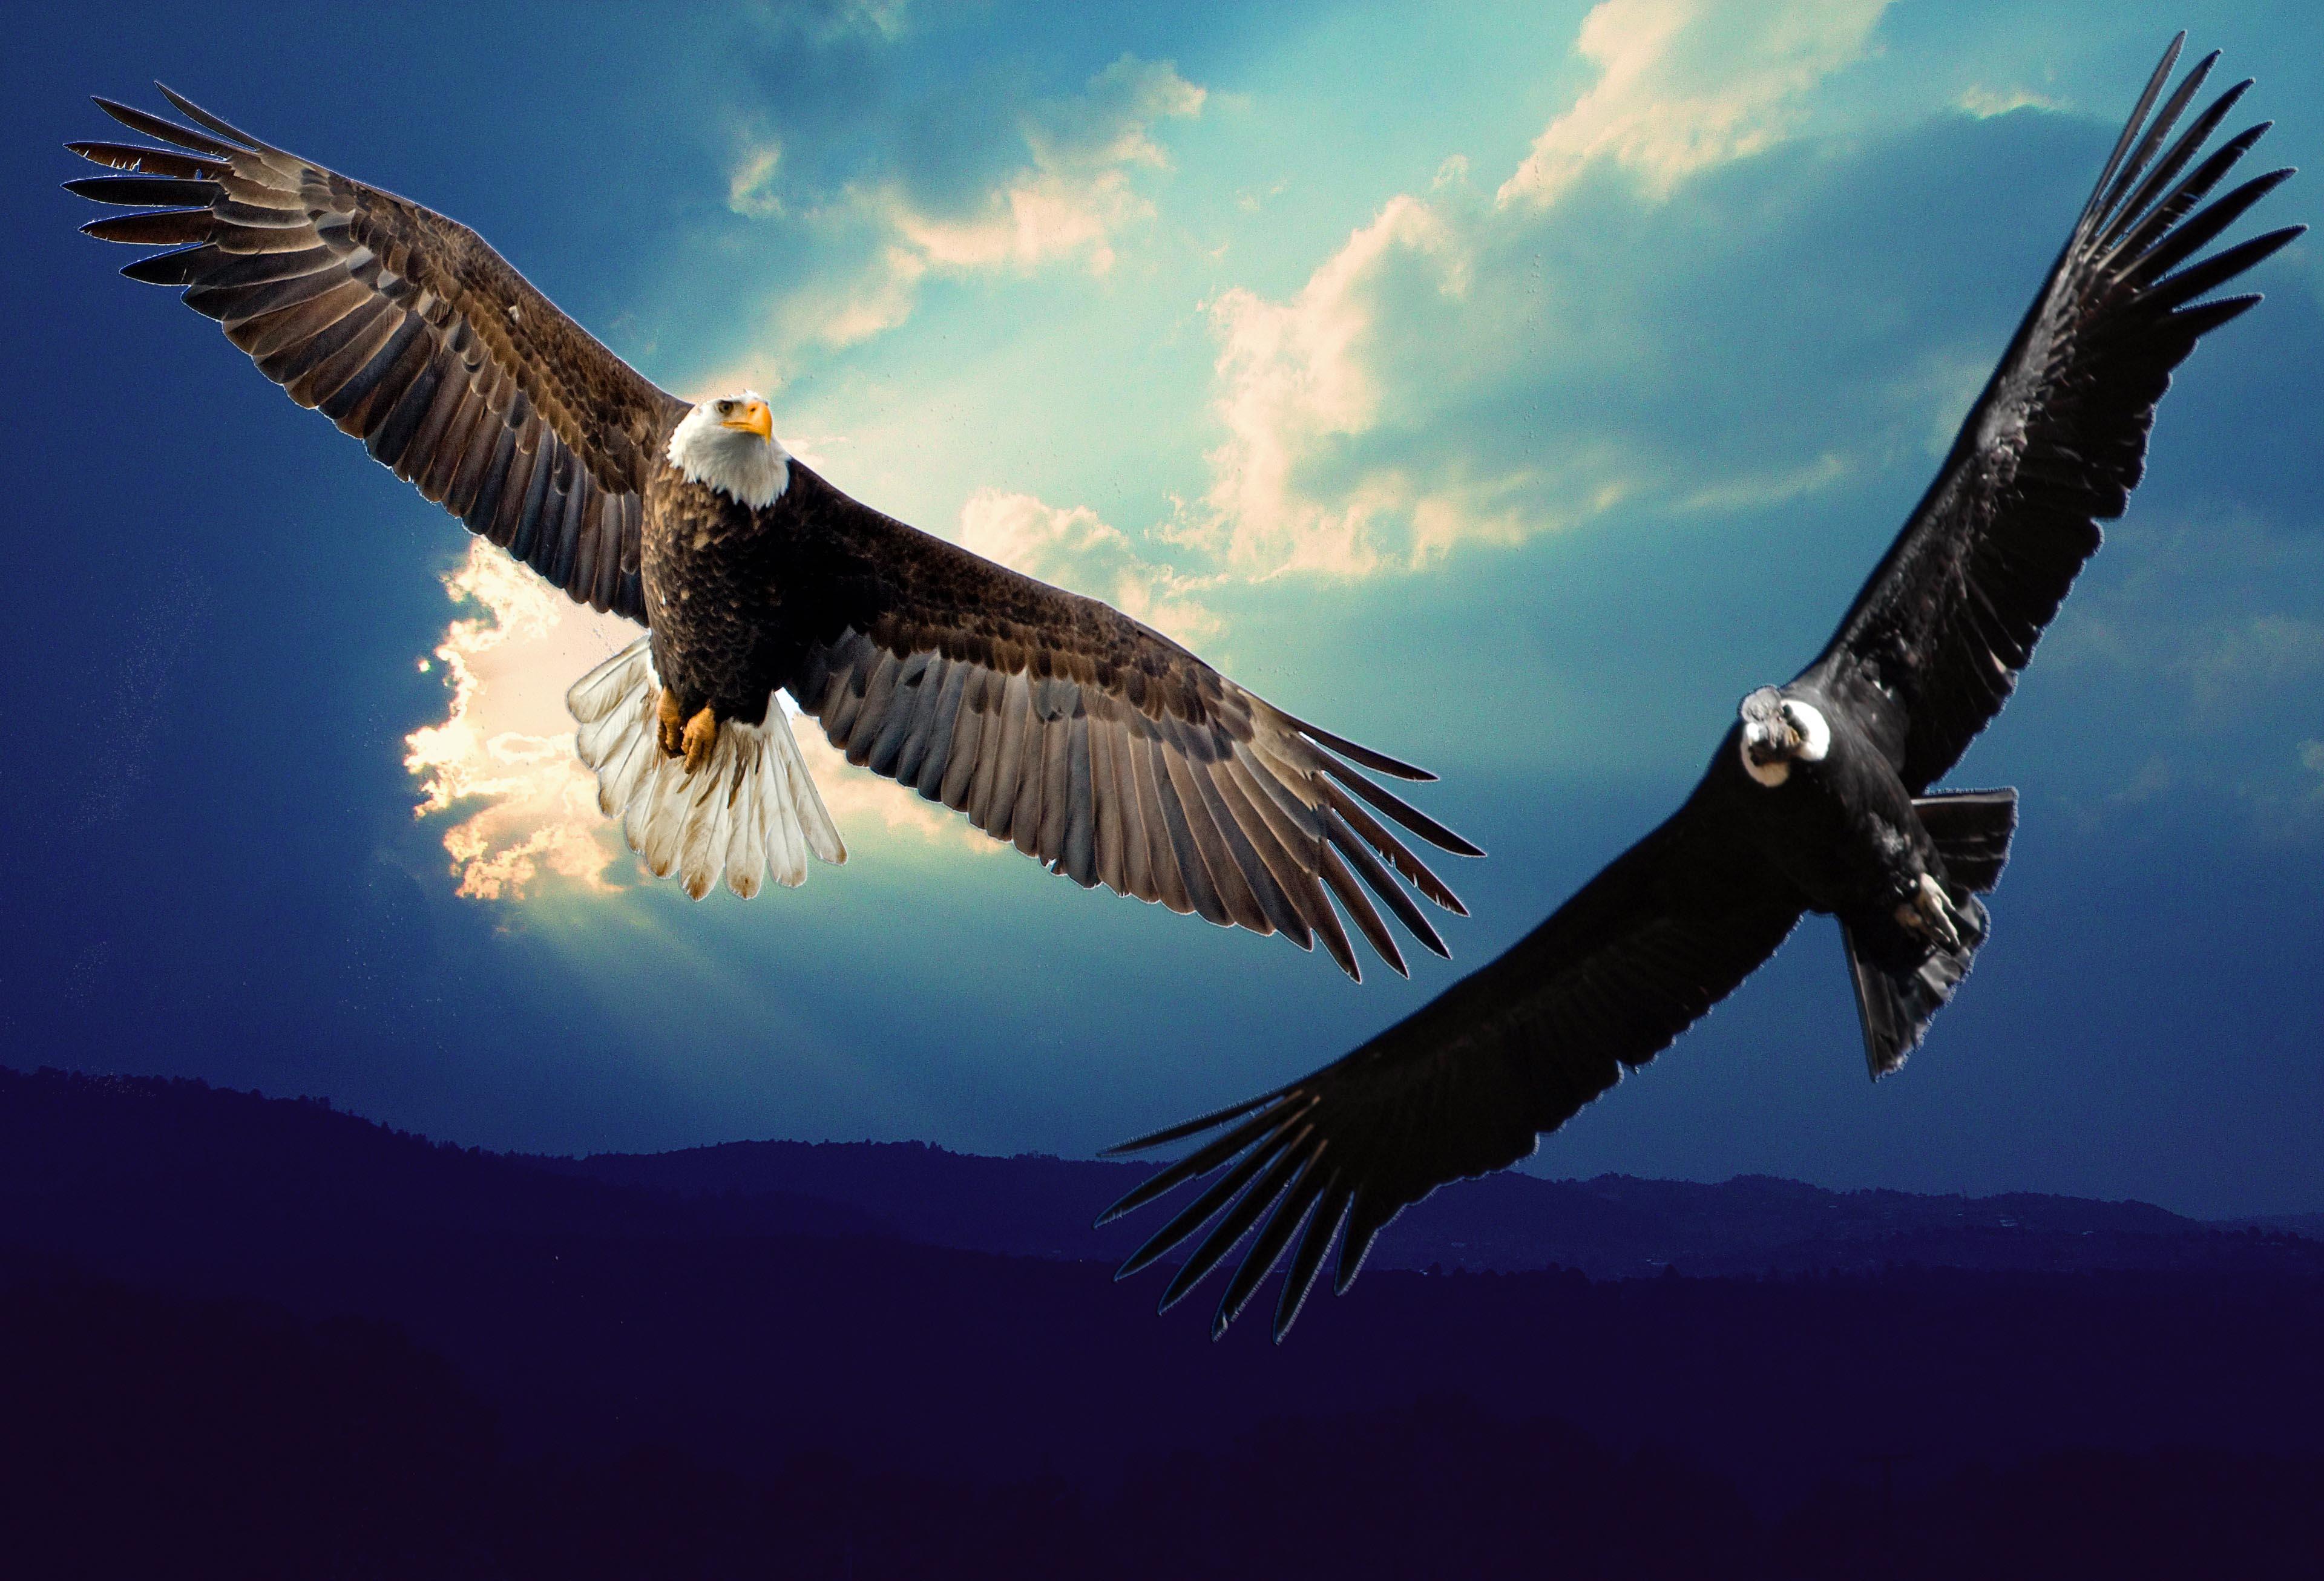 el guila y el condor vuelan juntos otra vez takiruna